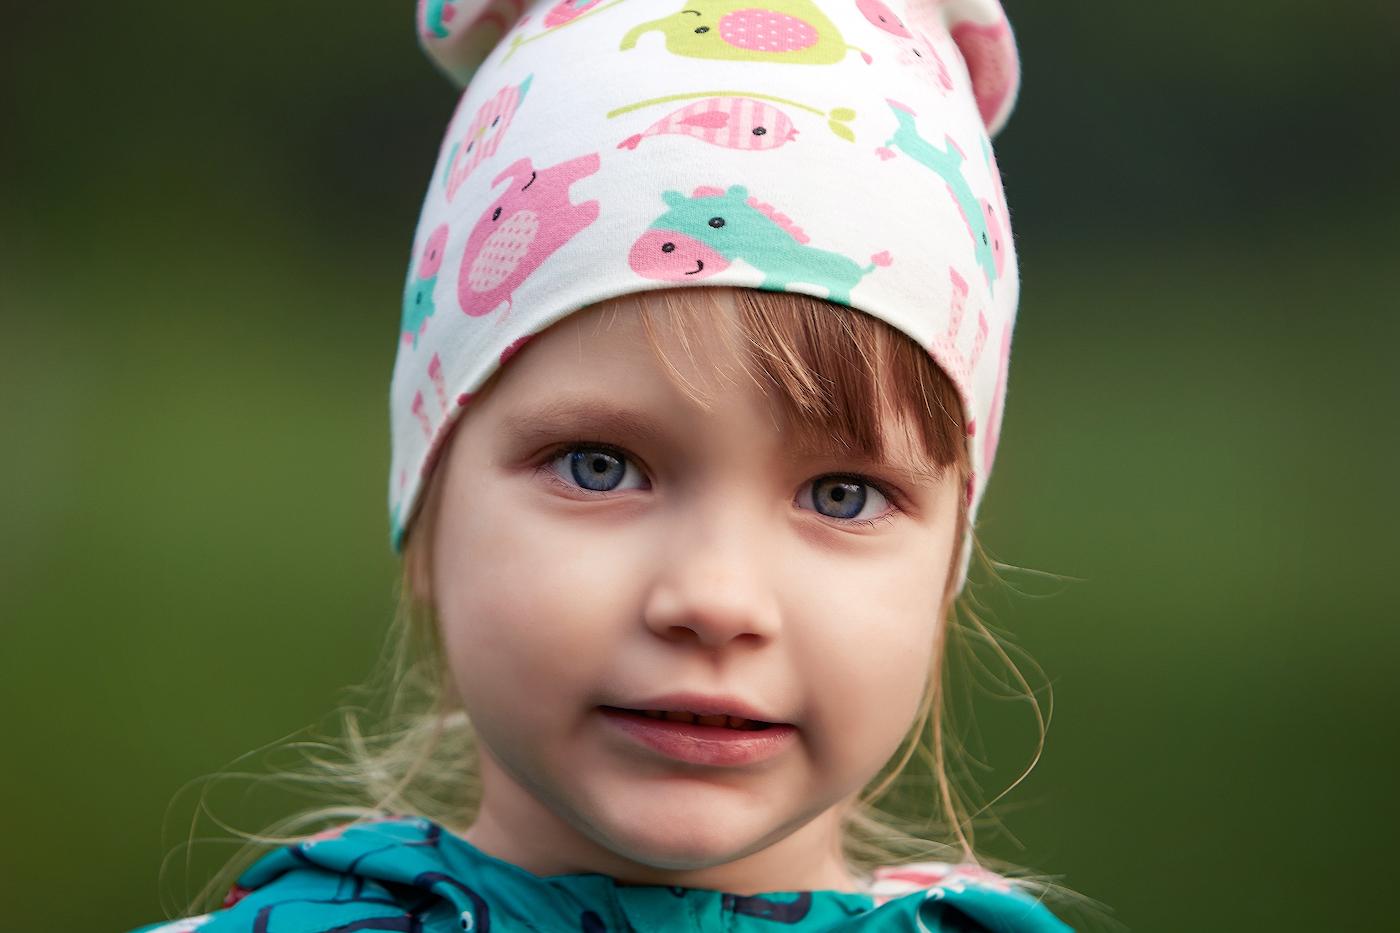 33. Пример портрета, снятого на телезум Nikon 80-200mm f/2.8 MKIV, установленном на тушку Nikon D7100, параметры матрицы которого сходны с Nikon D5600. Настройки: В=1/250, f/2.8, ISO 125, ФР=135 мм.